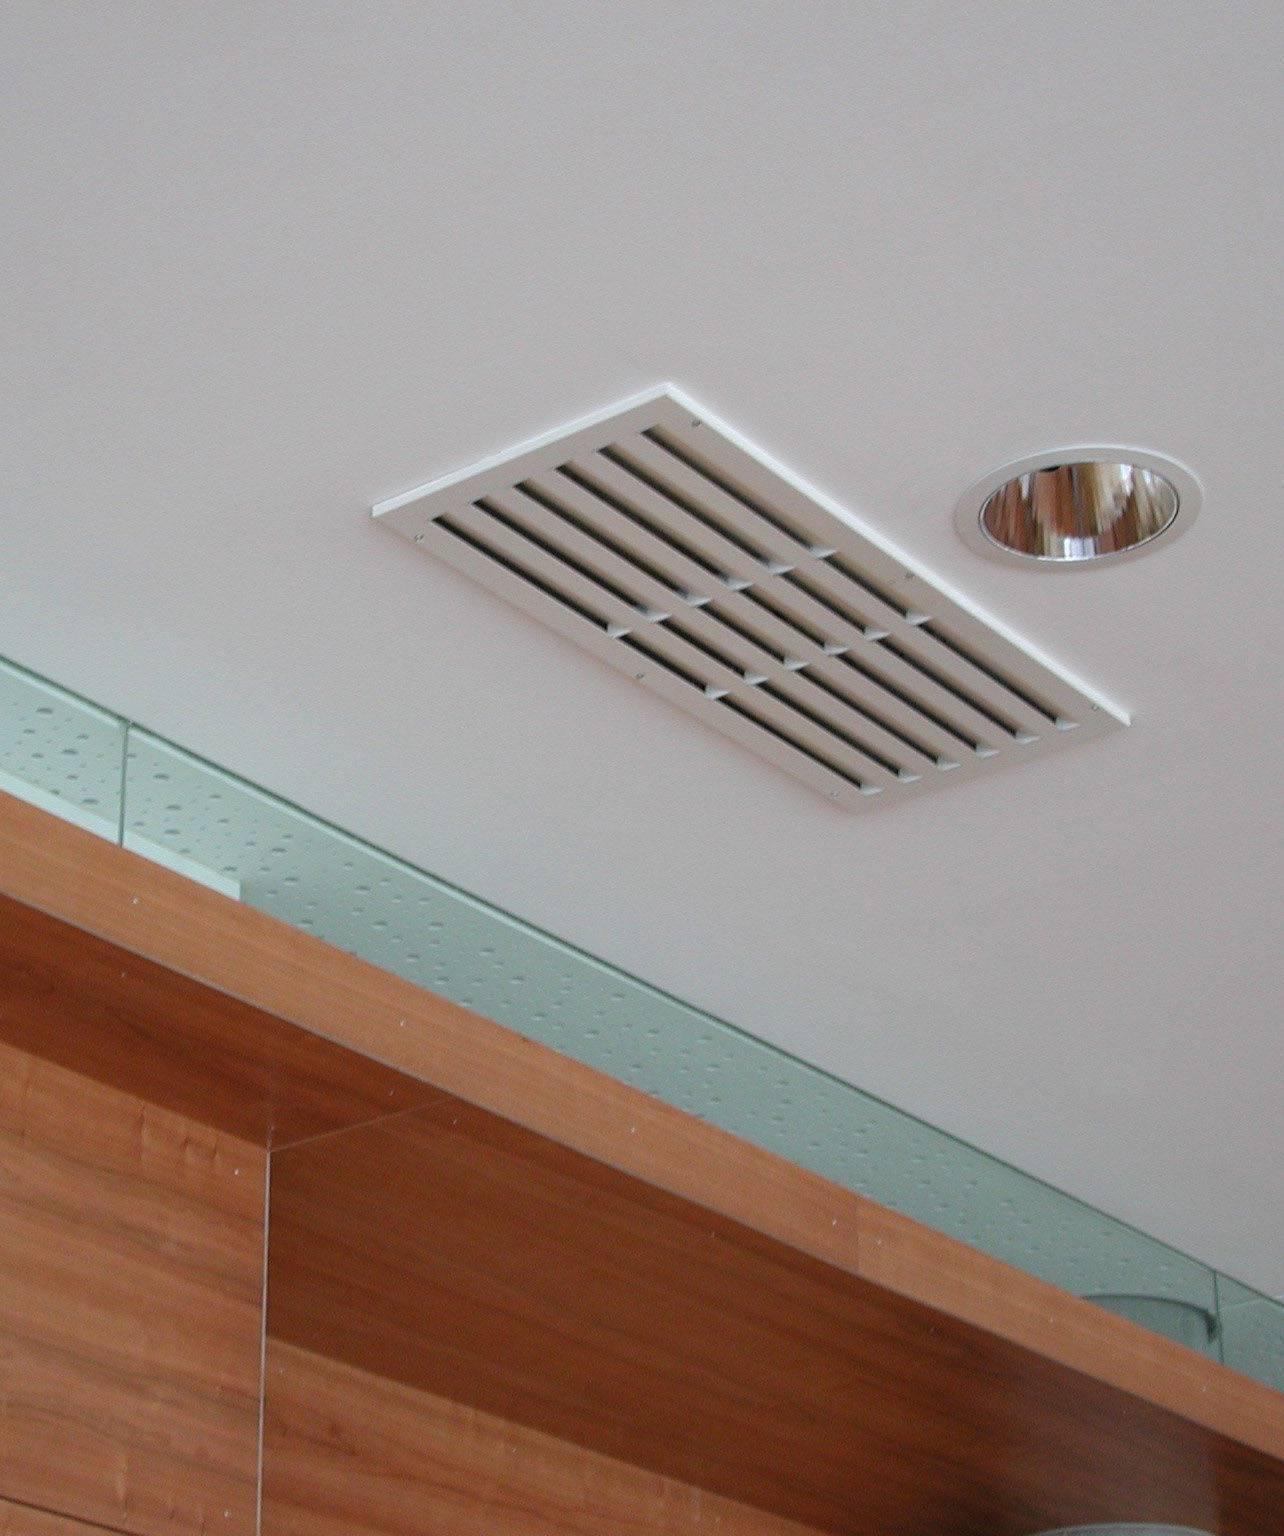 Вентиляционные решетки для натяжных (подвесных) потолков: установка, зачем нужна, преимущества и недостатки